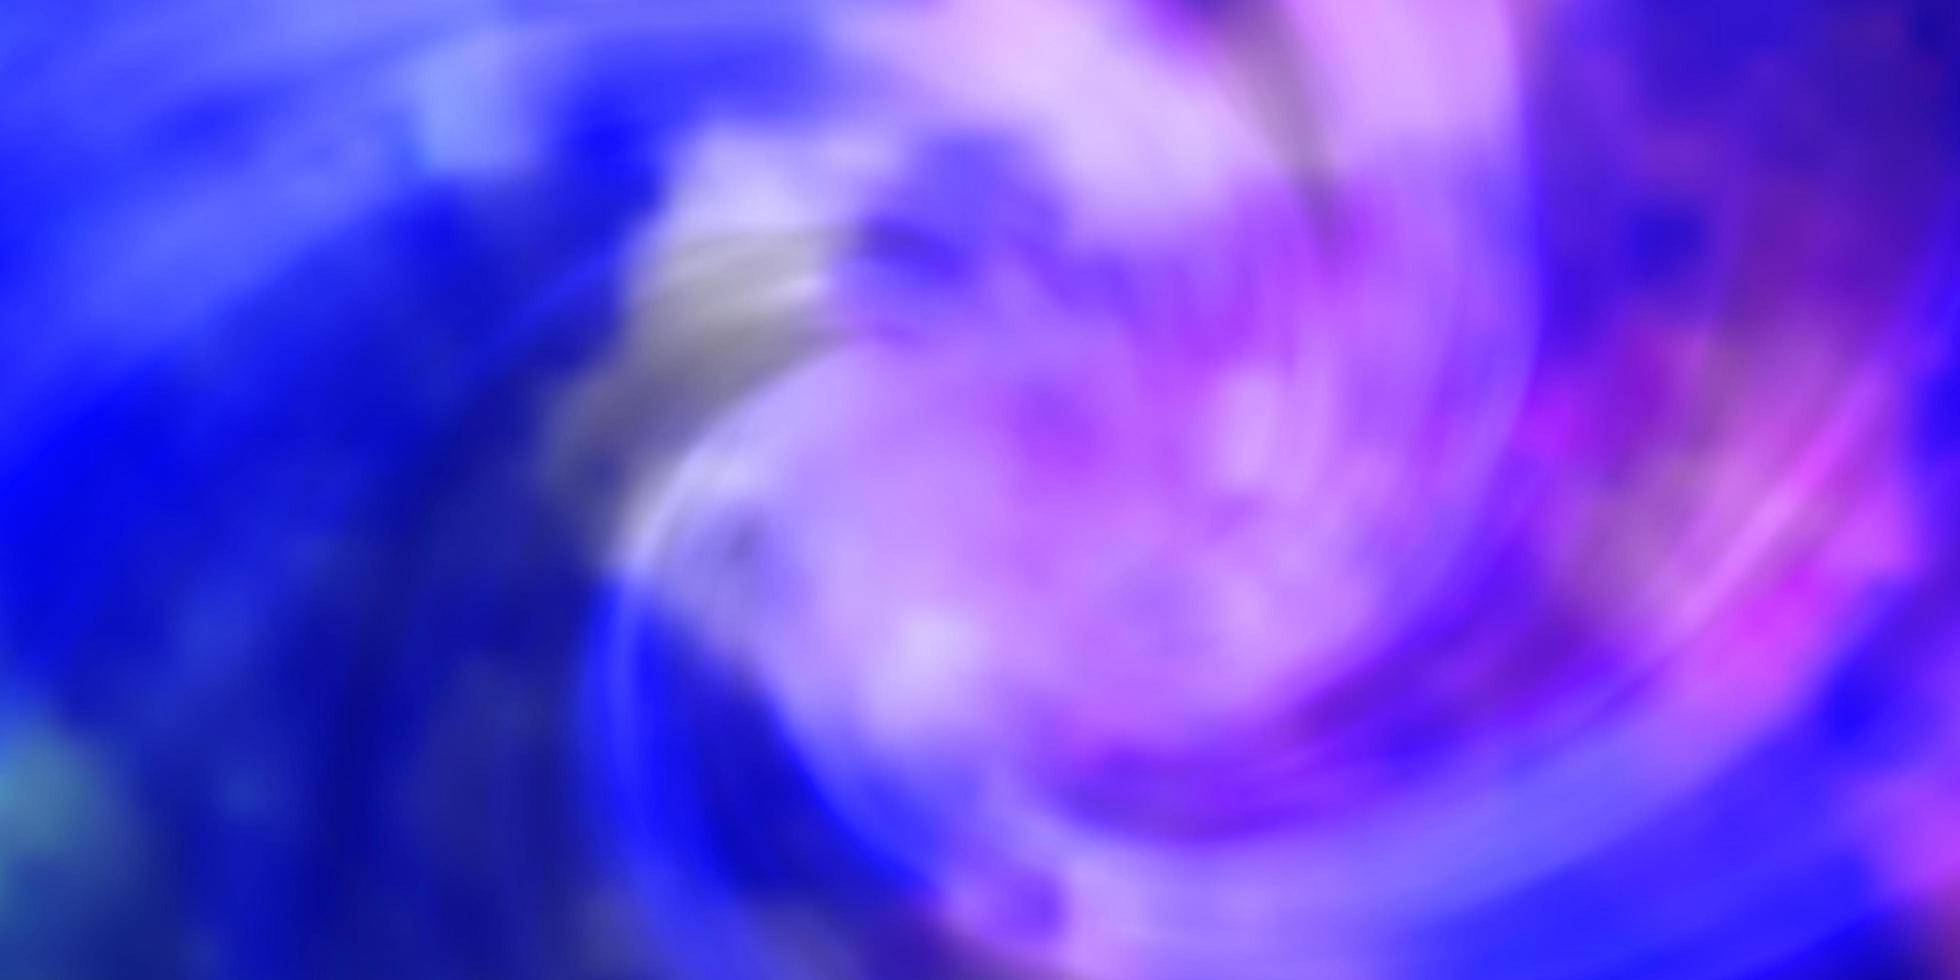 ljusrosa, blå vektormönster med moln. vektor